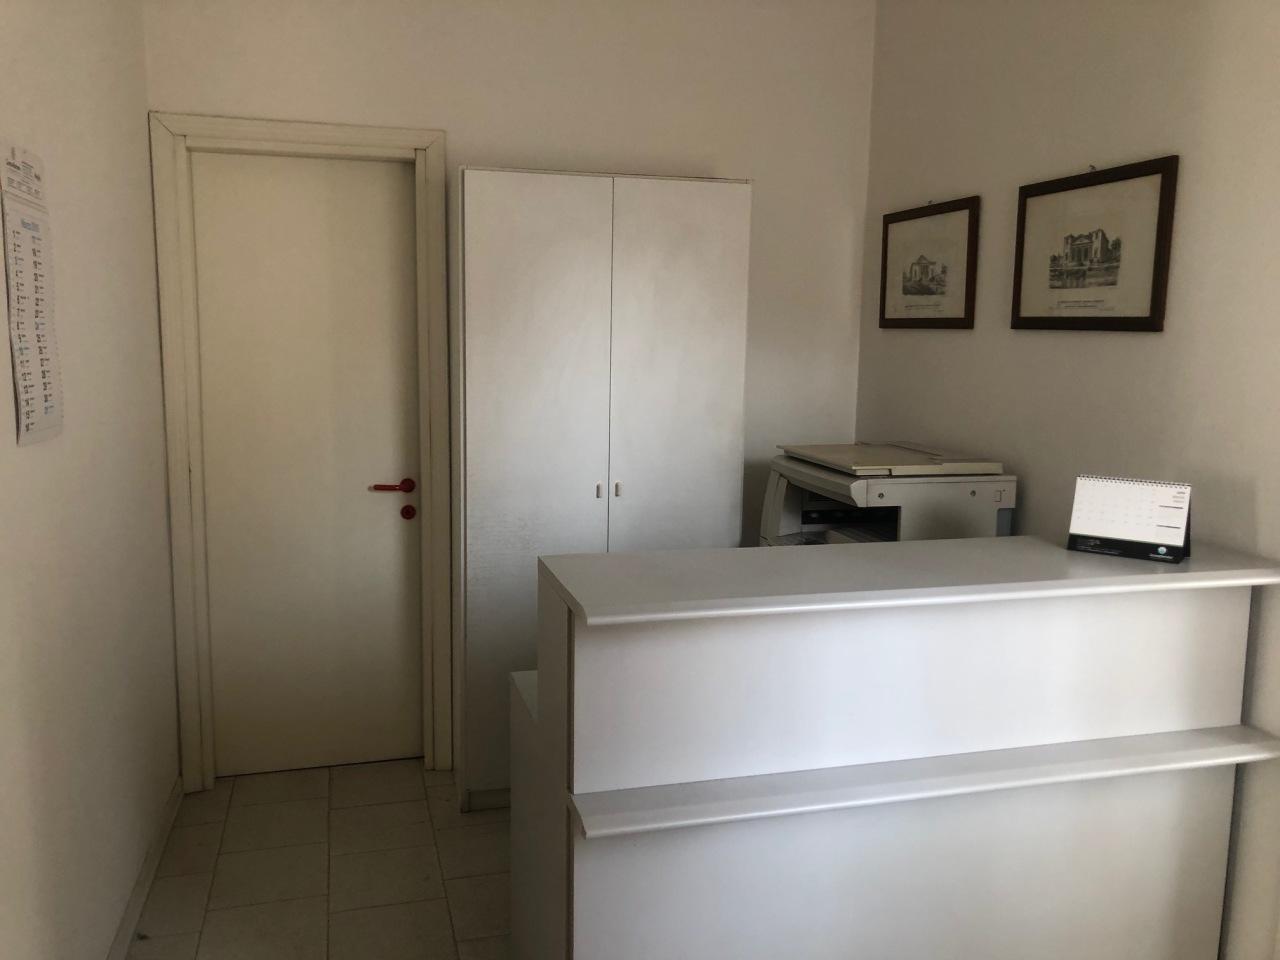 Ufficio / Studio in affitto a Lonigo, 3 locali, prezzo € 400 | CambioCasa.it